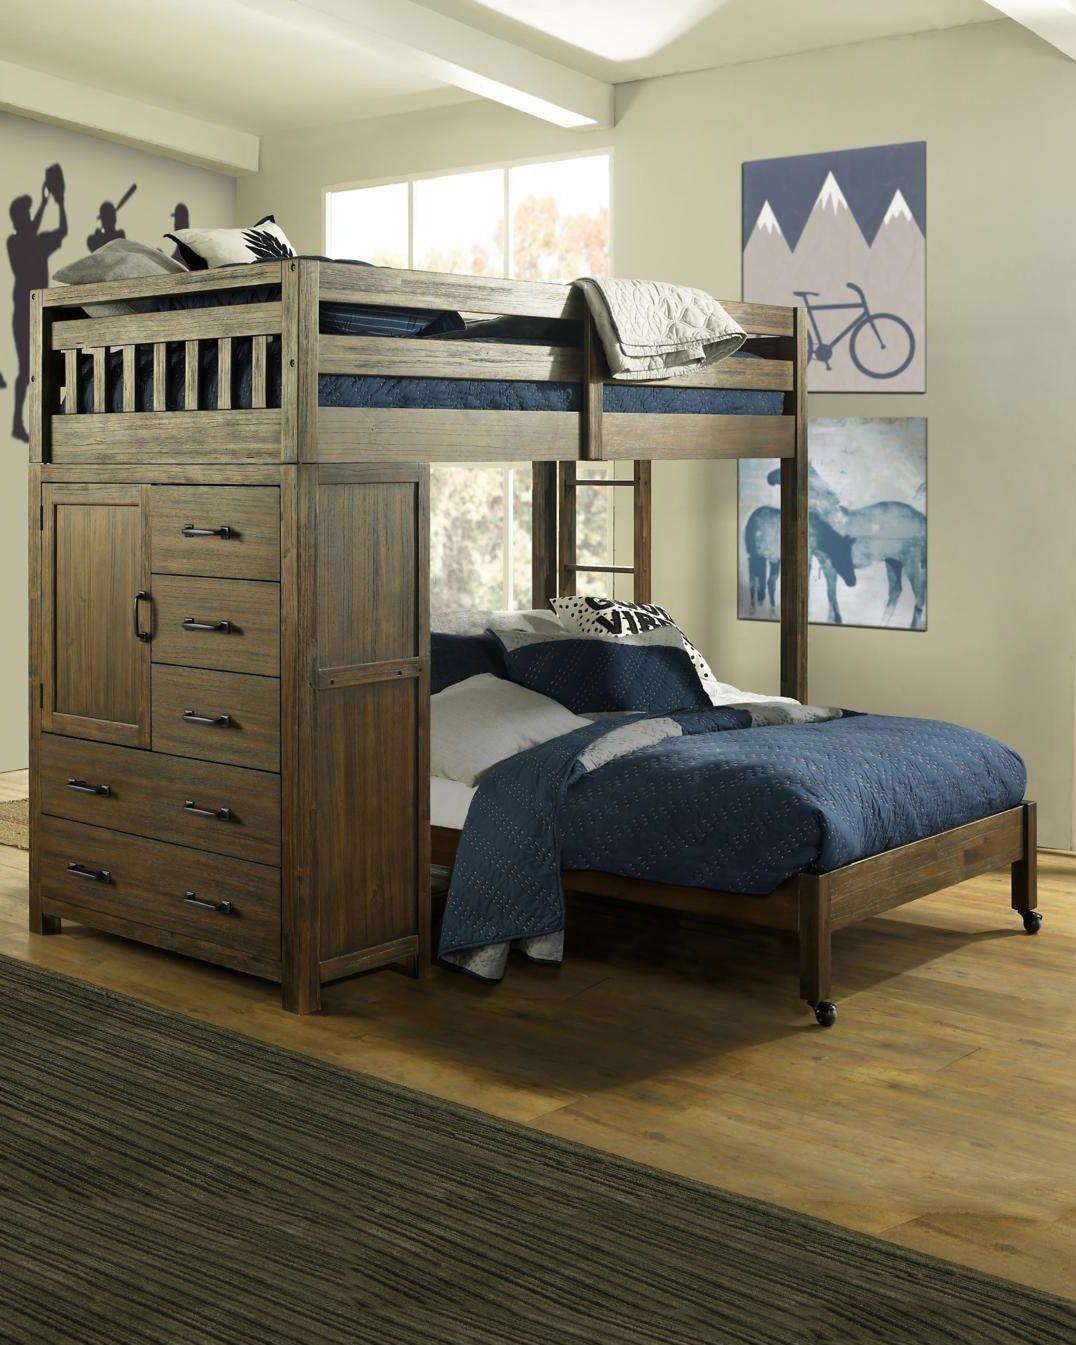 Cheyenne Twin Over Full Loft Bed in 2020 Modern loft bed